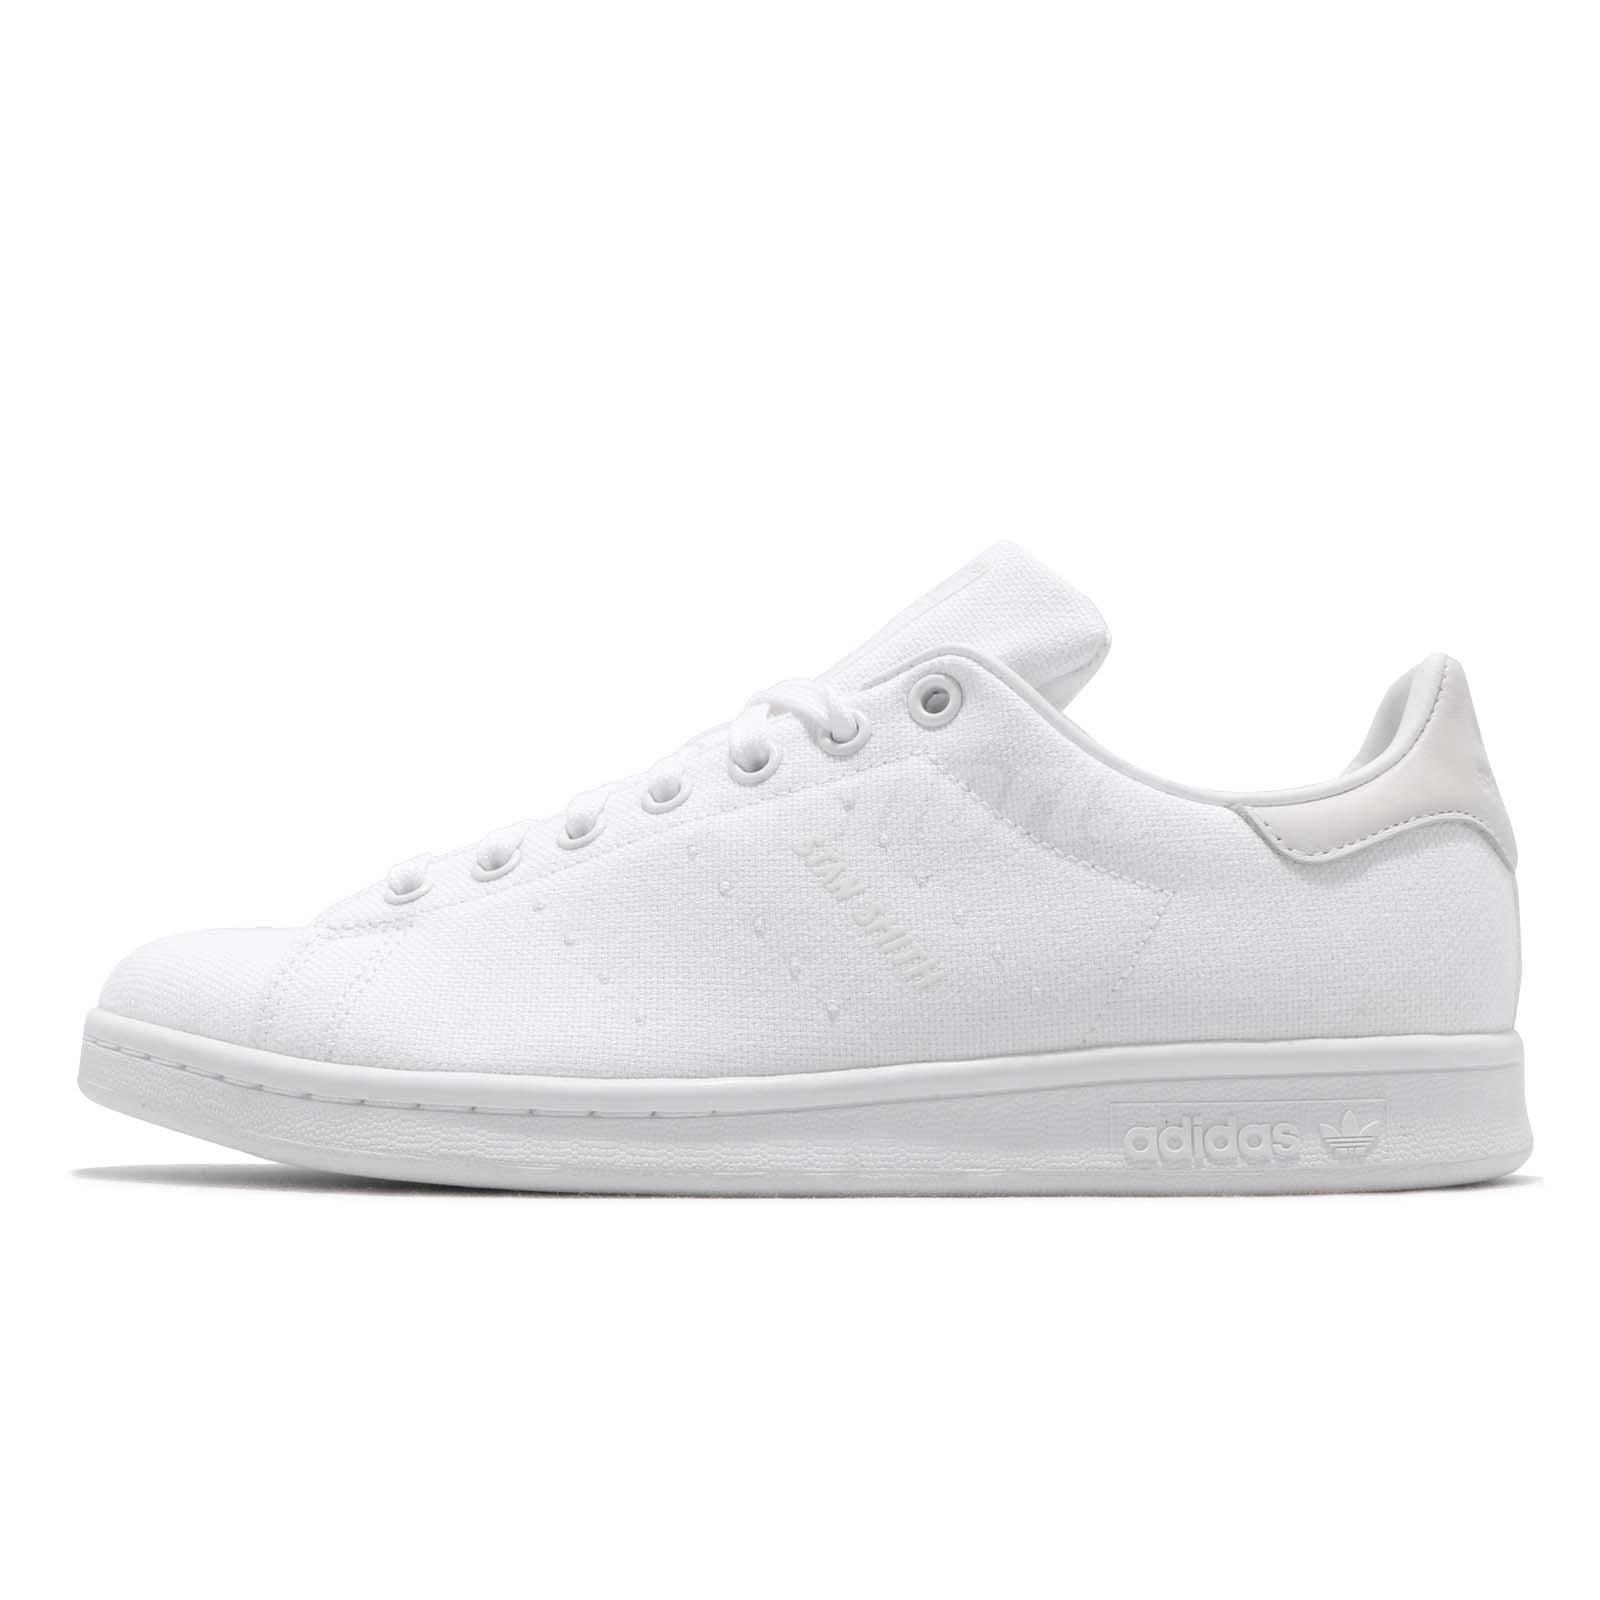 hot sale online 45465 45035 Detalles acerca de Adidas Originals Stan Smith Blanco Zapatos Tenis  Informales Correr Para hombres DA9145- mostrar título original